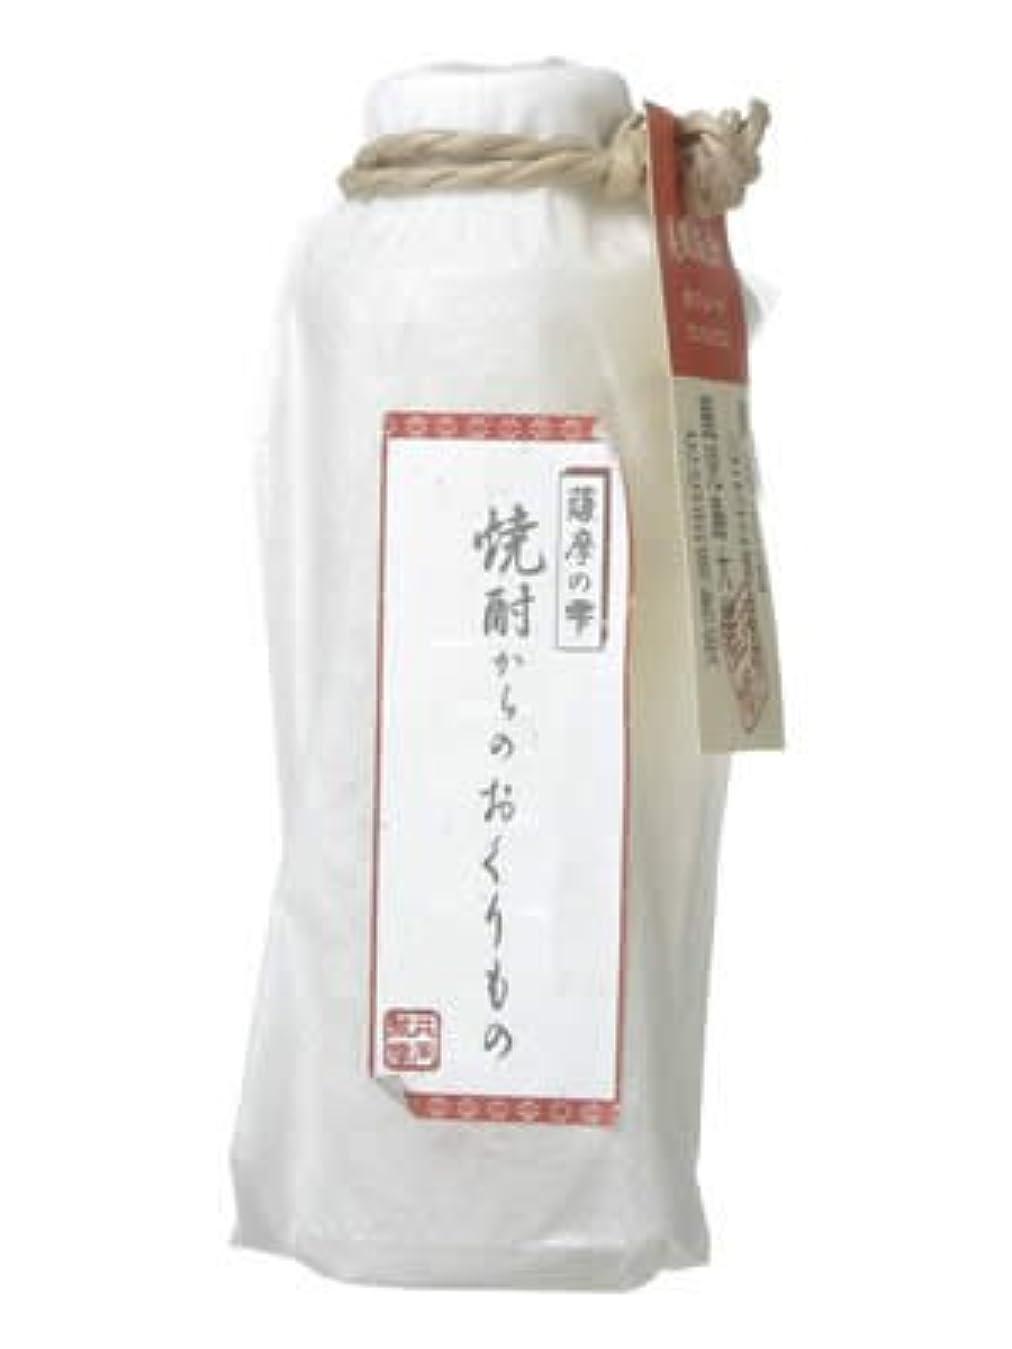 カトリック教徒ピケ油薩摩の雫 美容液(焼酎からのおくりもの) 200ml